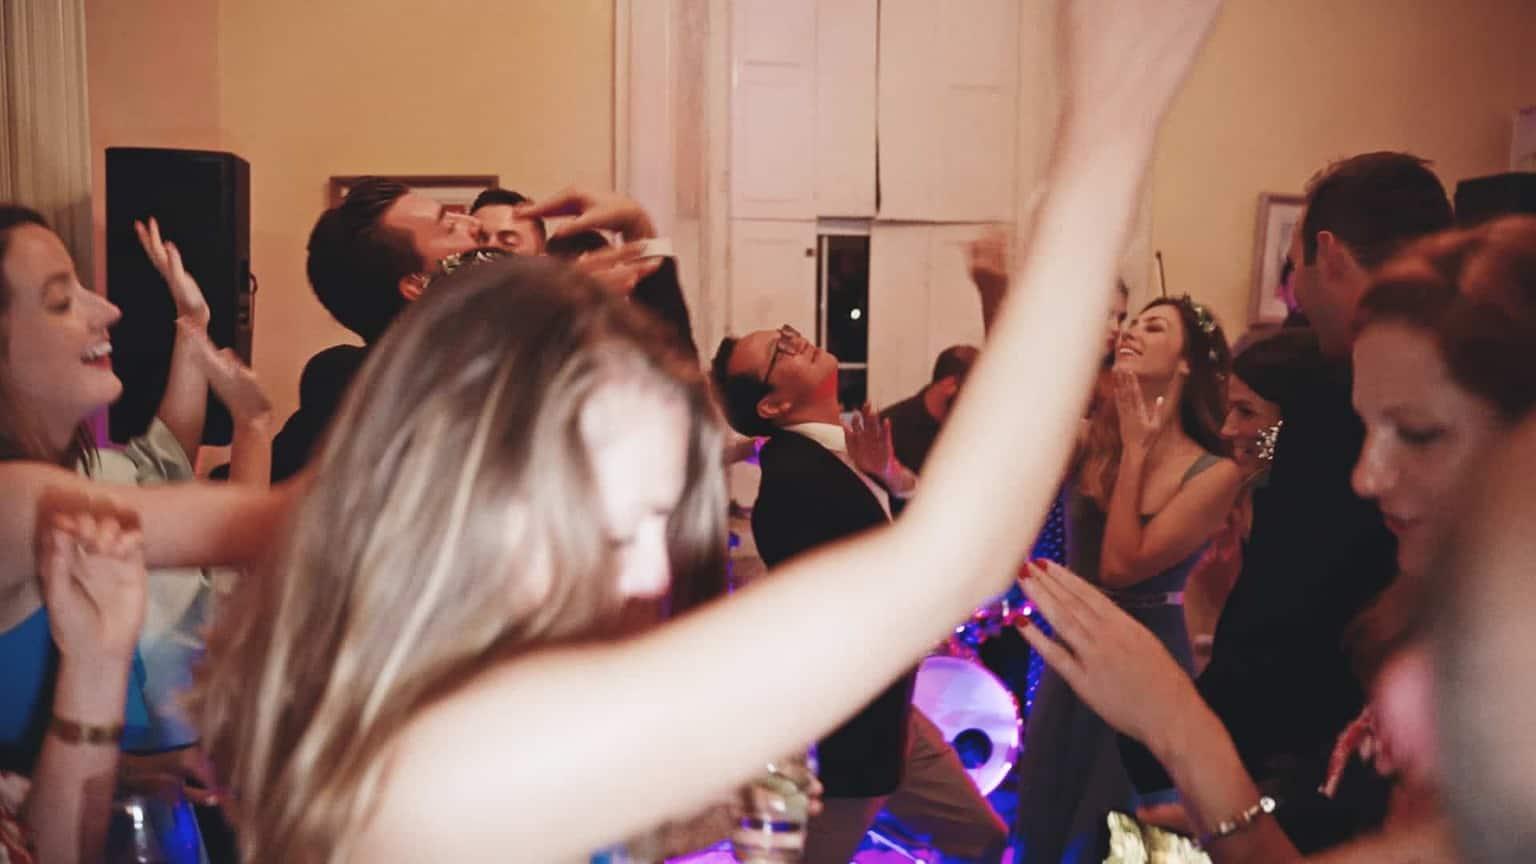 Dancing on dance floor